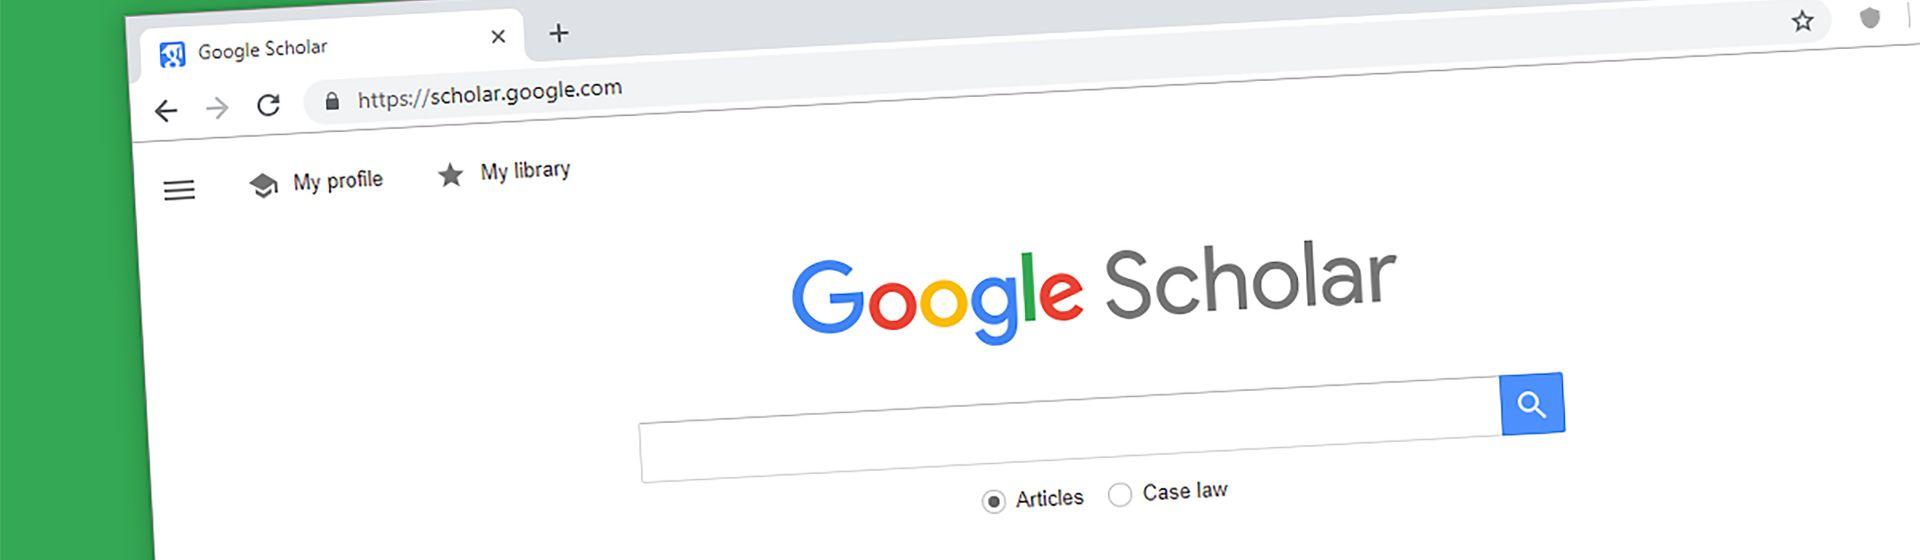 Google Acadêmico: o que é? Para que serve? Como usar? Saiba tudo!